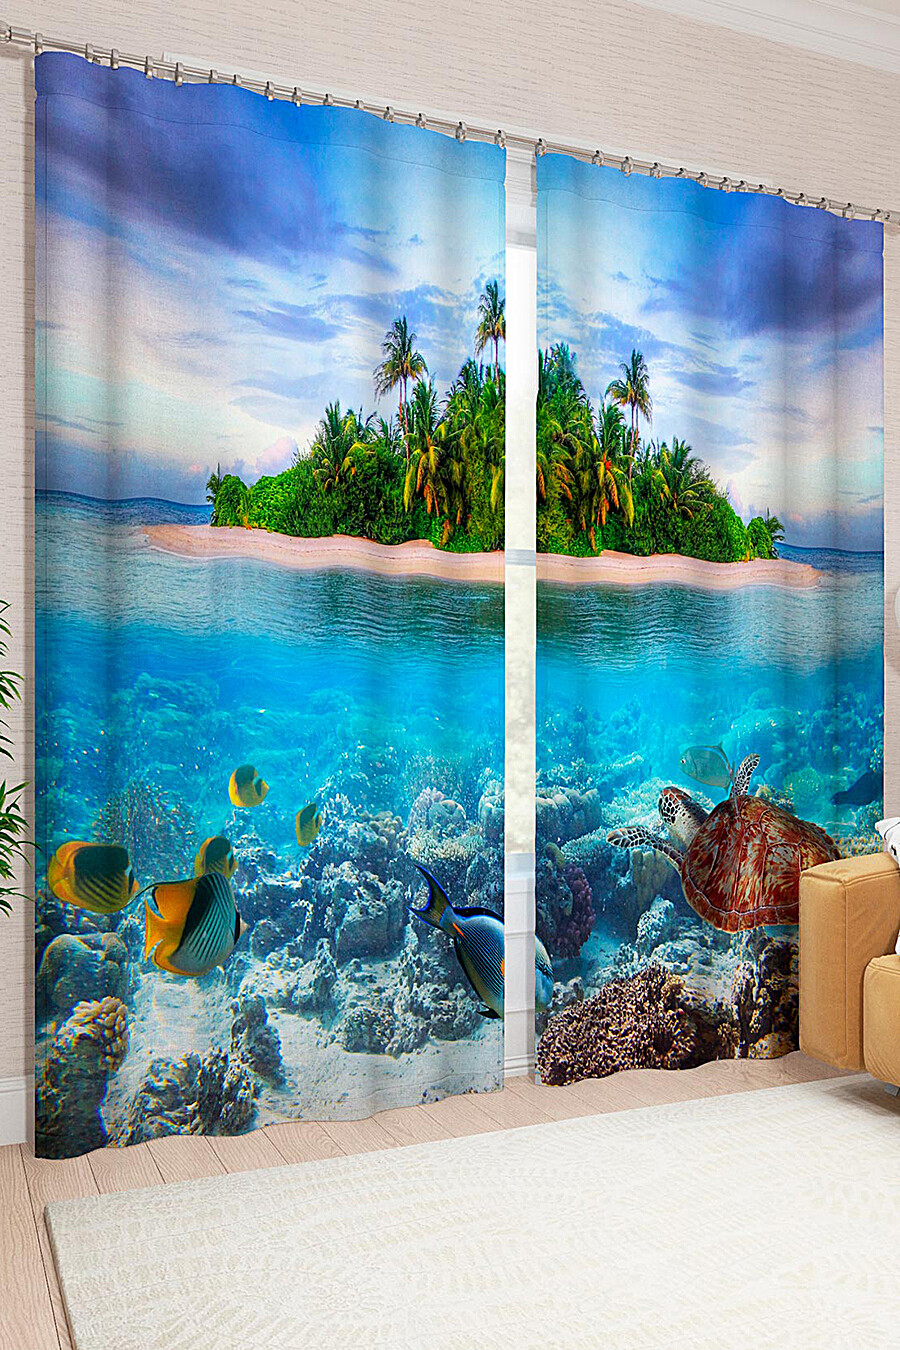 Фотошторы для дома ART HOME TEXTILE 123483 купить оптом от производителя. Совместная покупка товаров для дома в OptMoyo